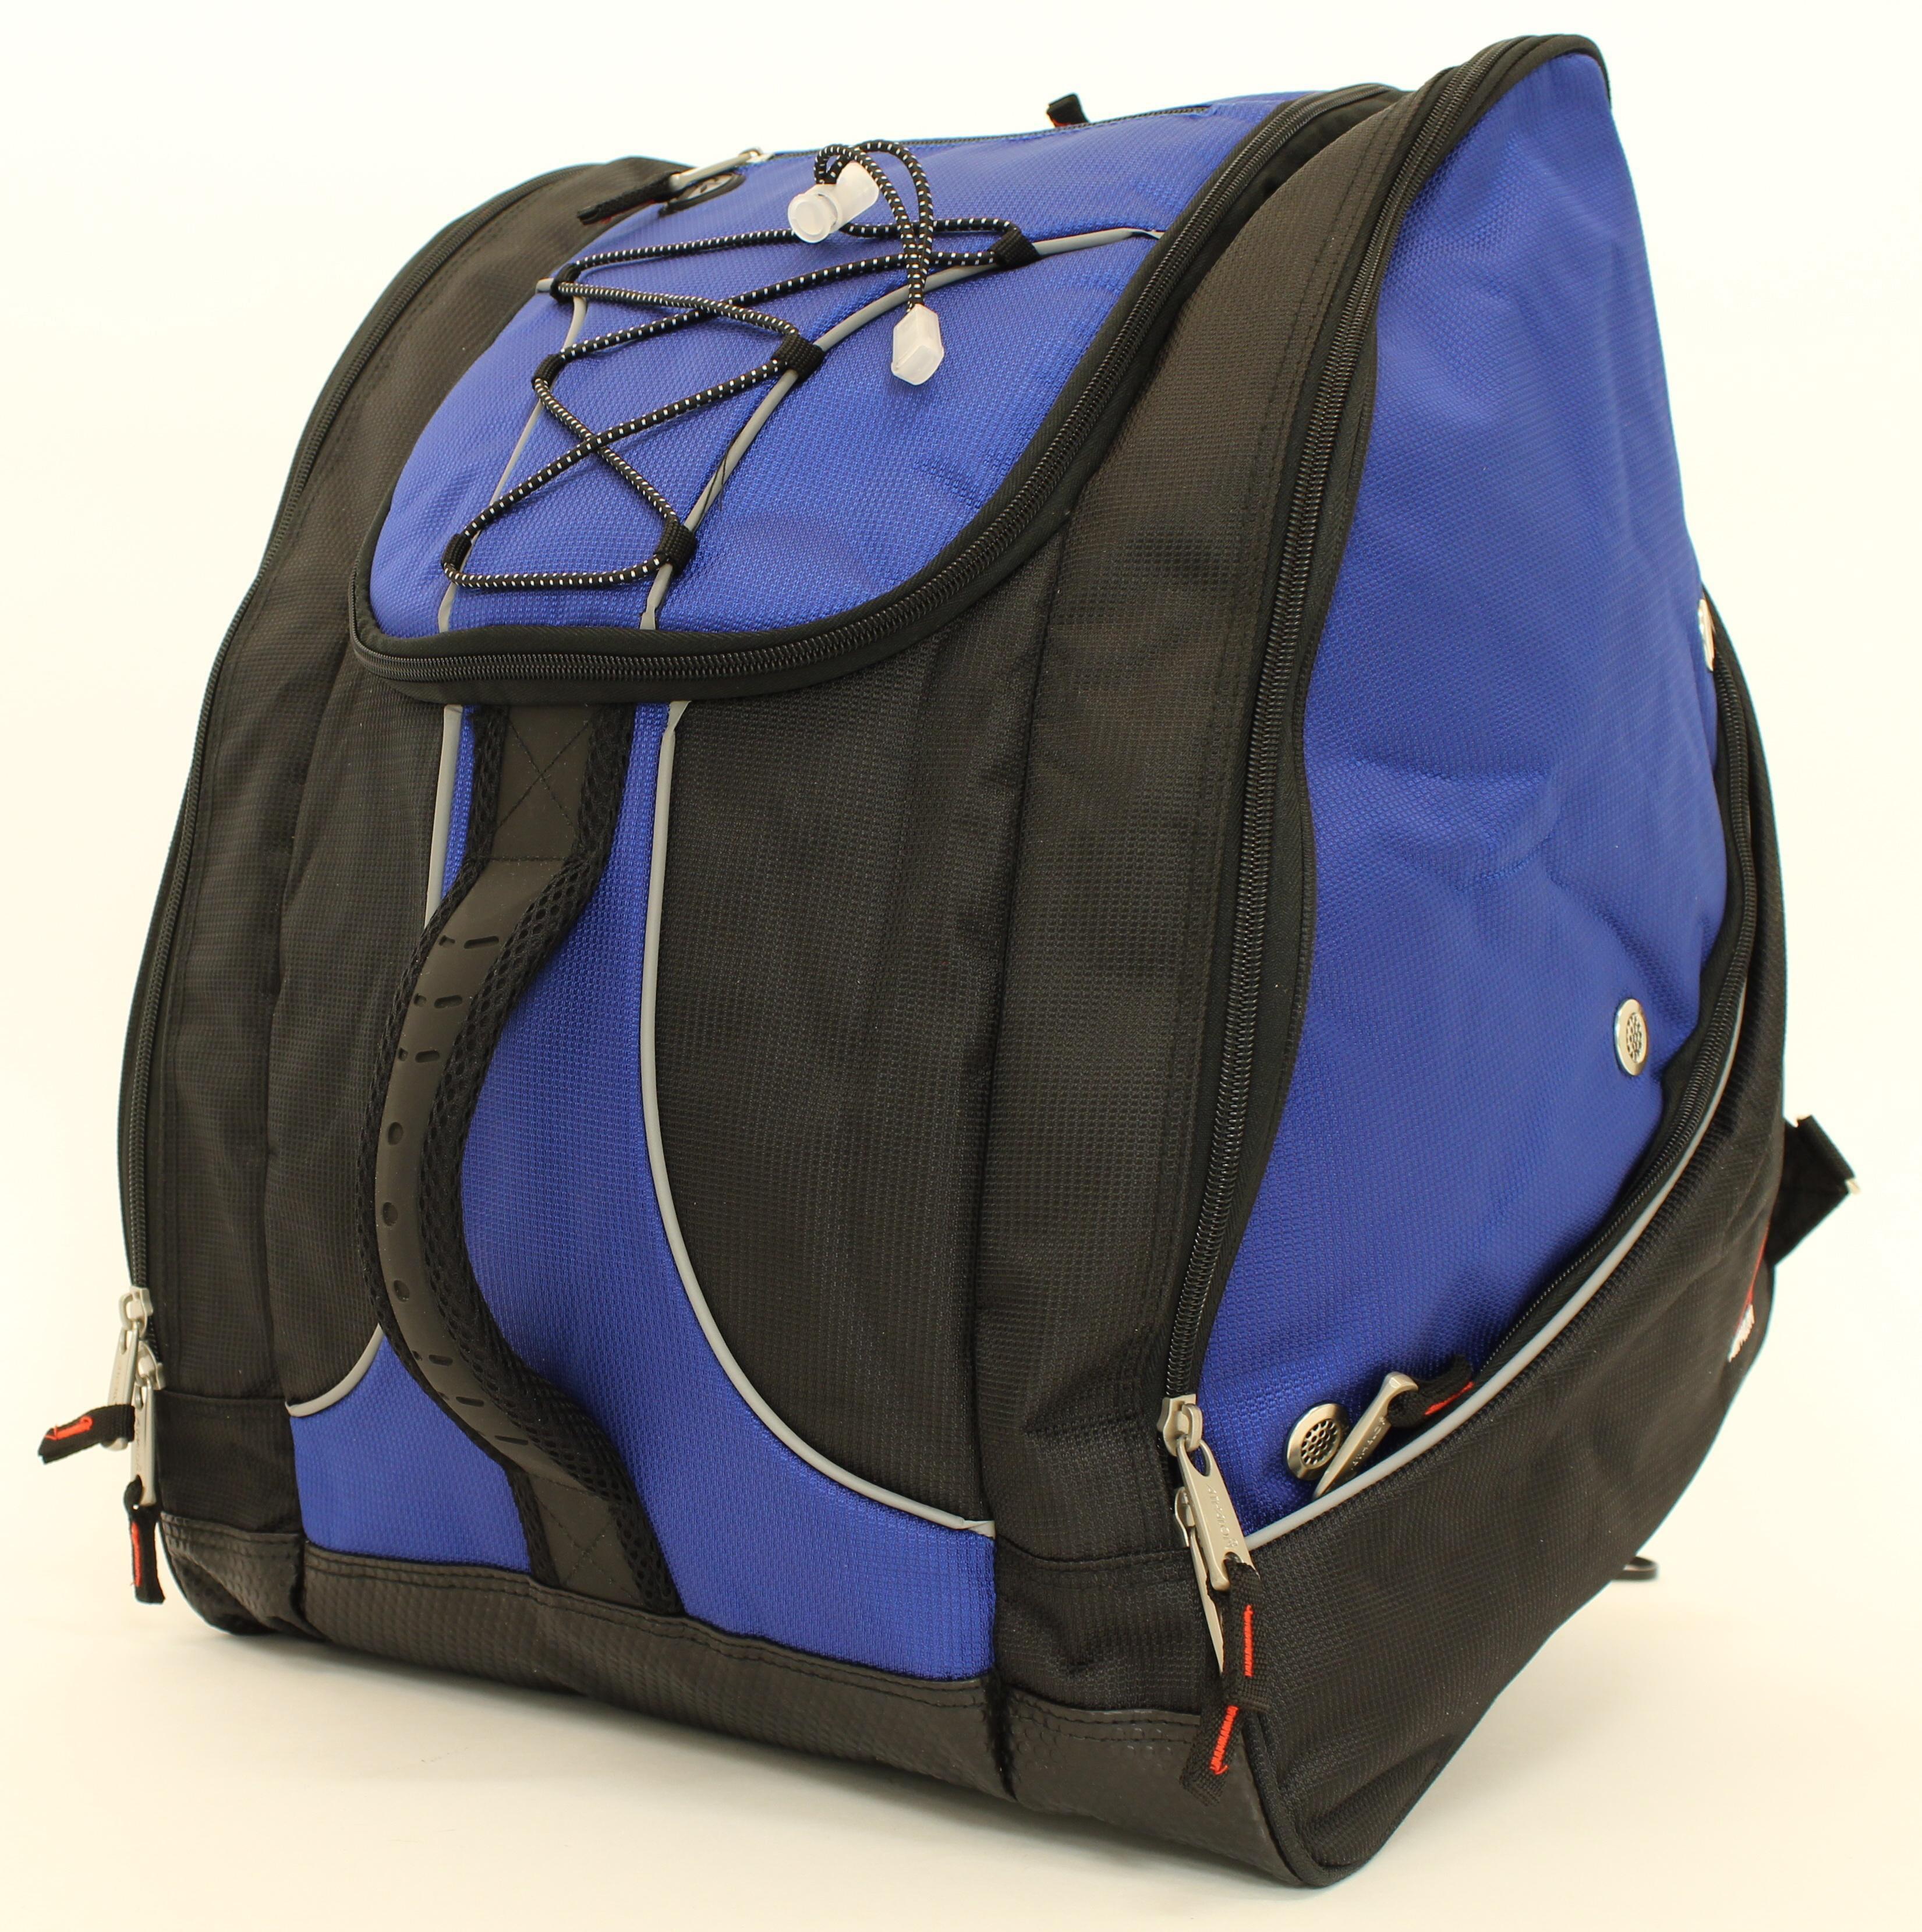 26070bb1f3 Ski Boot Bag Related Keywords   Suggestions - Ski Boot Bag Long Tail ...